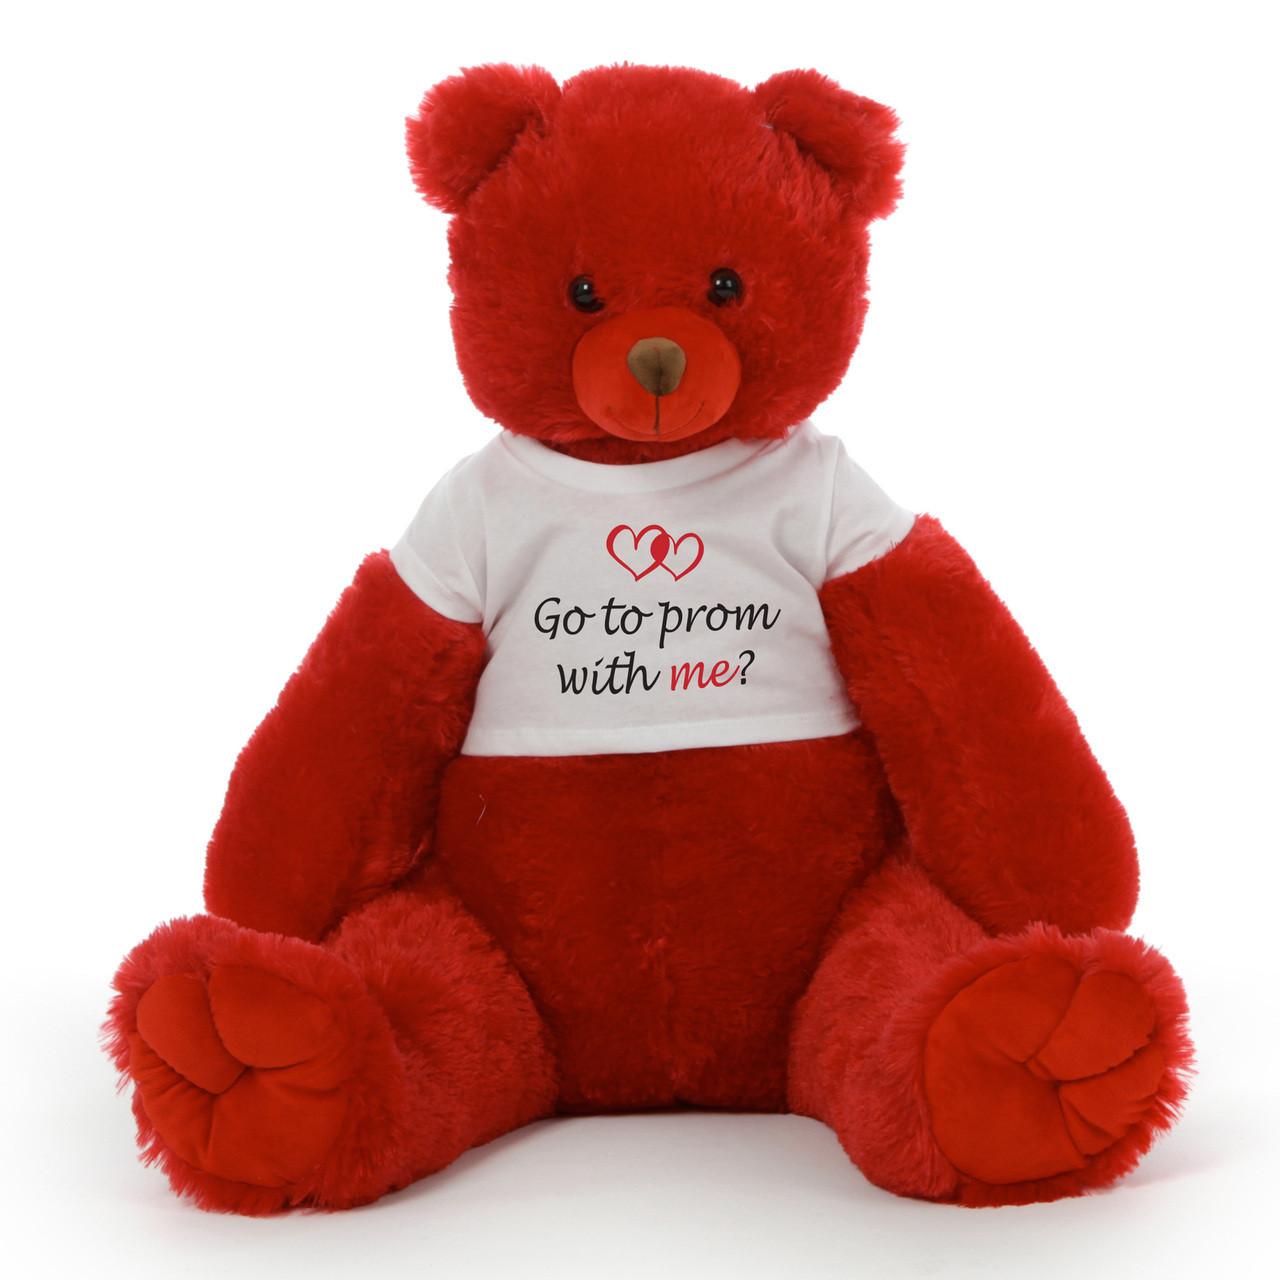 Prom Proposal Teddy Bear